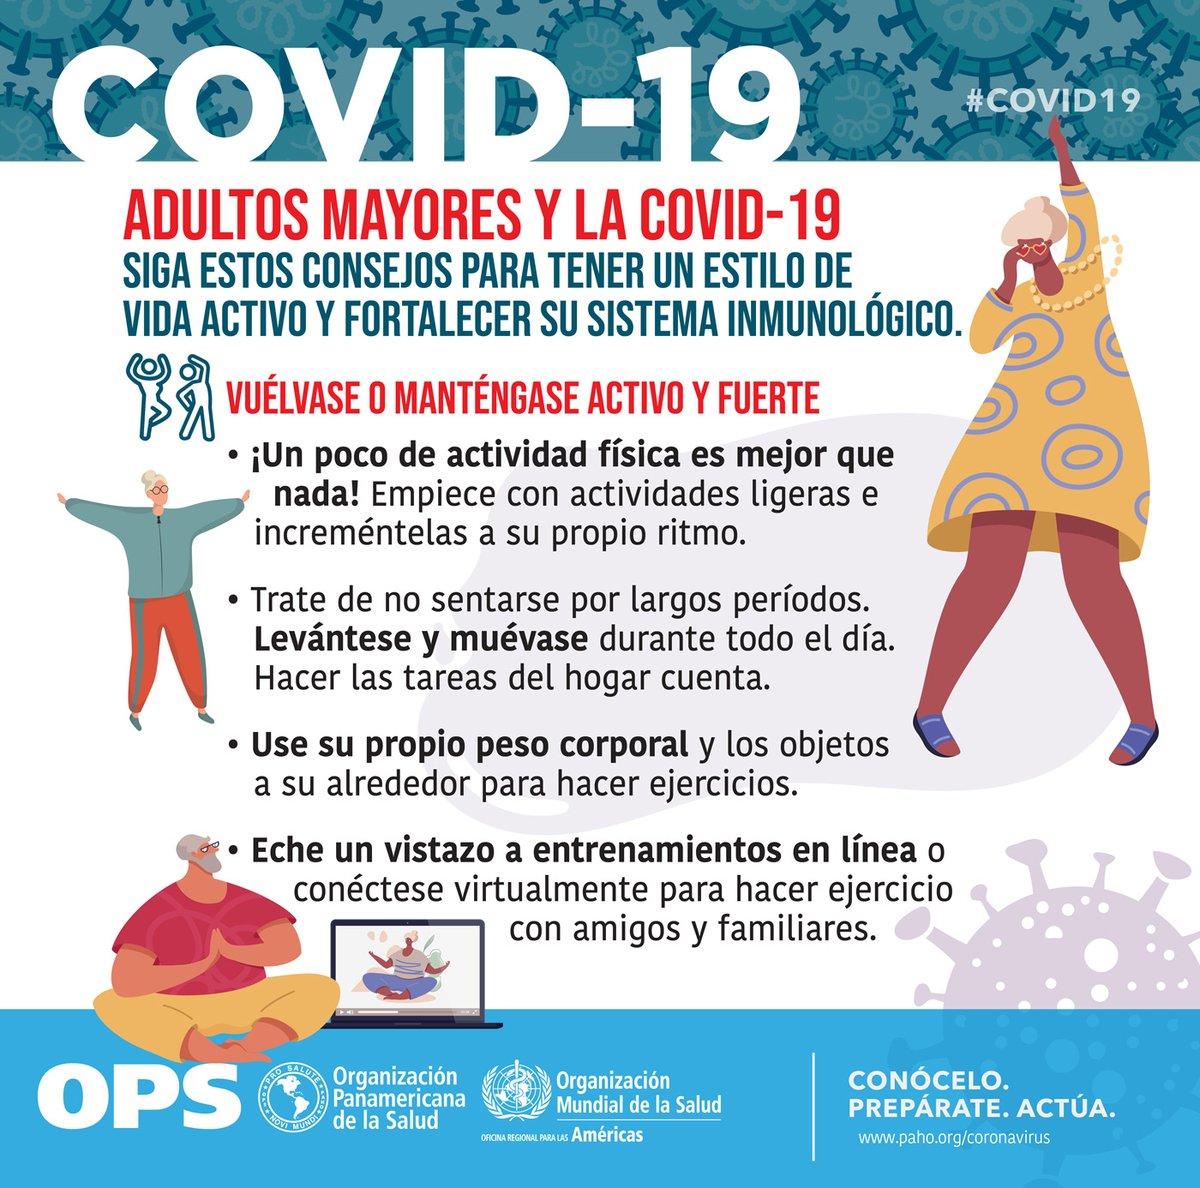 Replying to @OPSOMSMexico: 🧓👵 Adultos mayores y la #COVID19 ✅ Siga estos consejos 👇 para tener un estilo de vida activo 👍